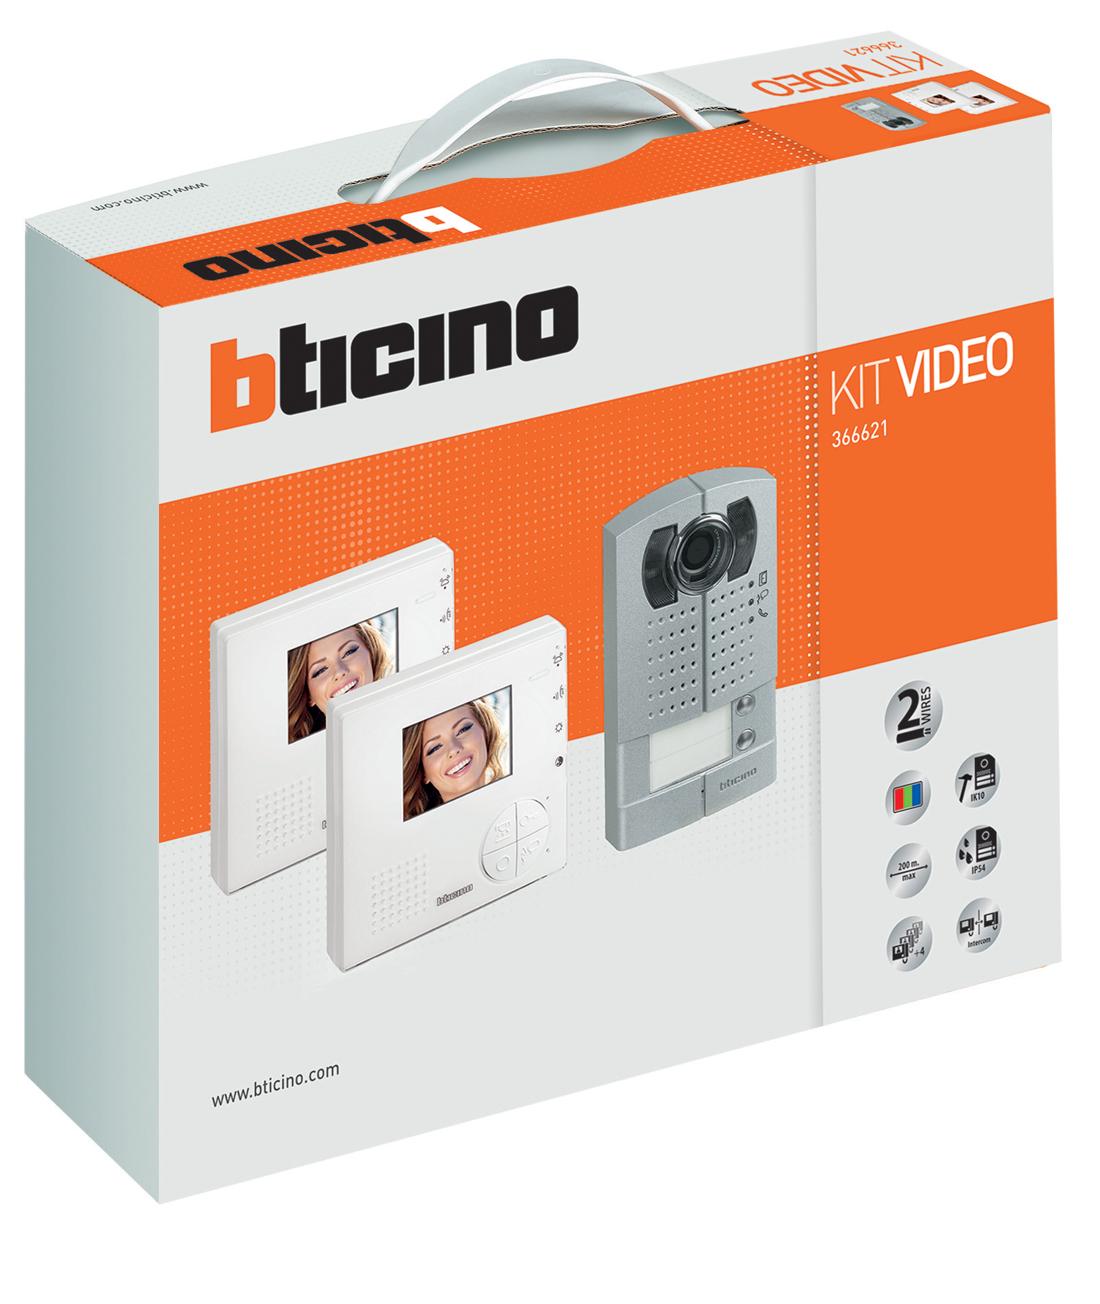 Bticino quattro nuovi kit video citofonici elettro for Citofono bticino prezzo